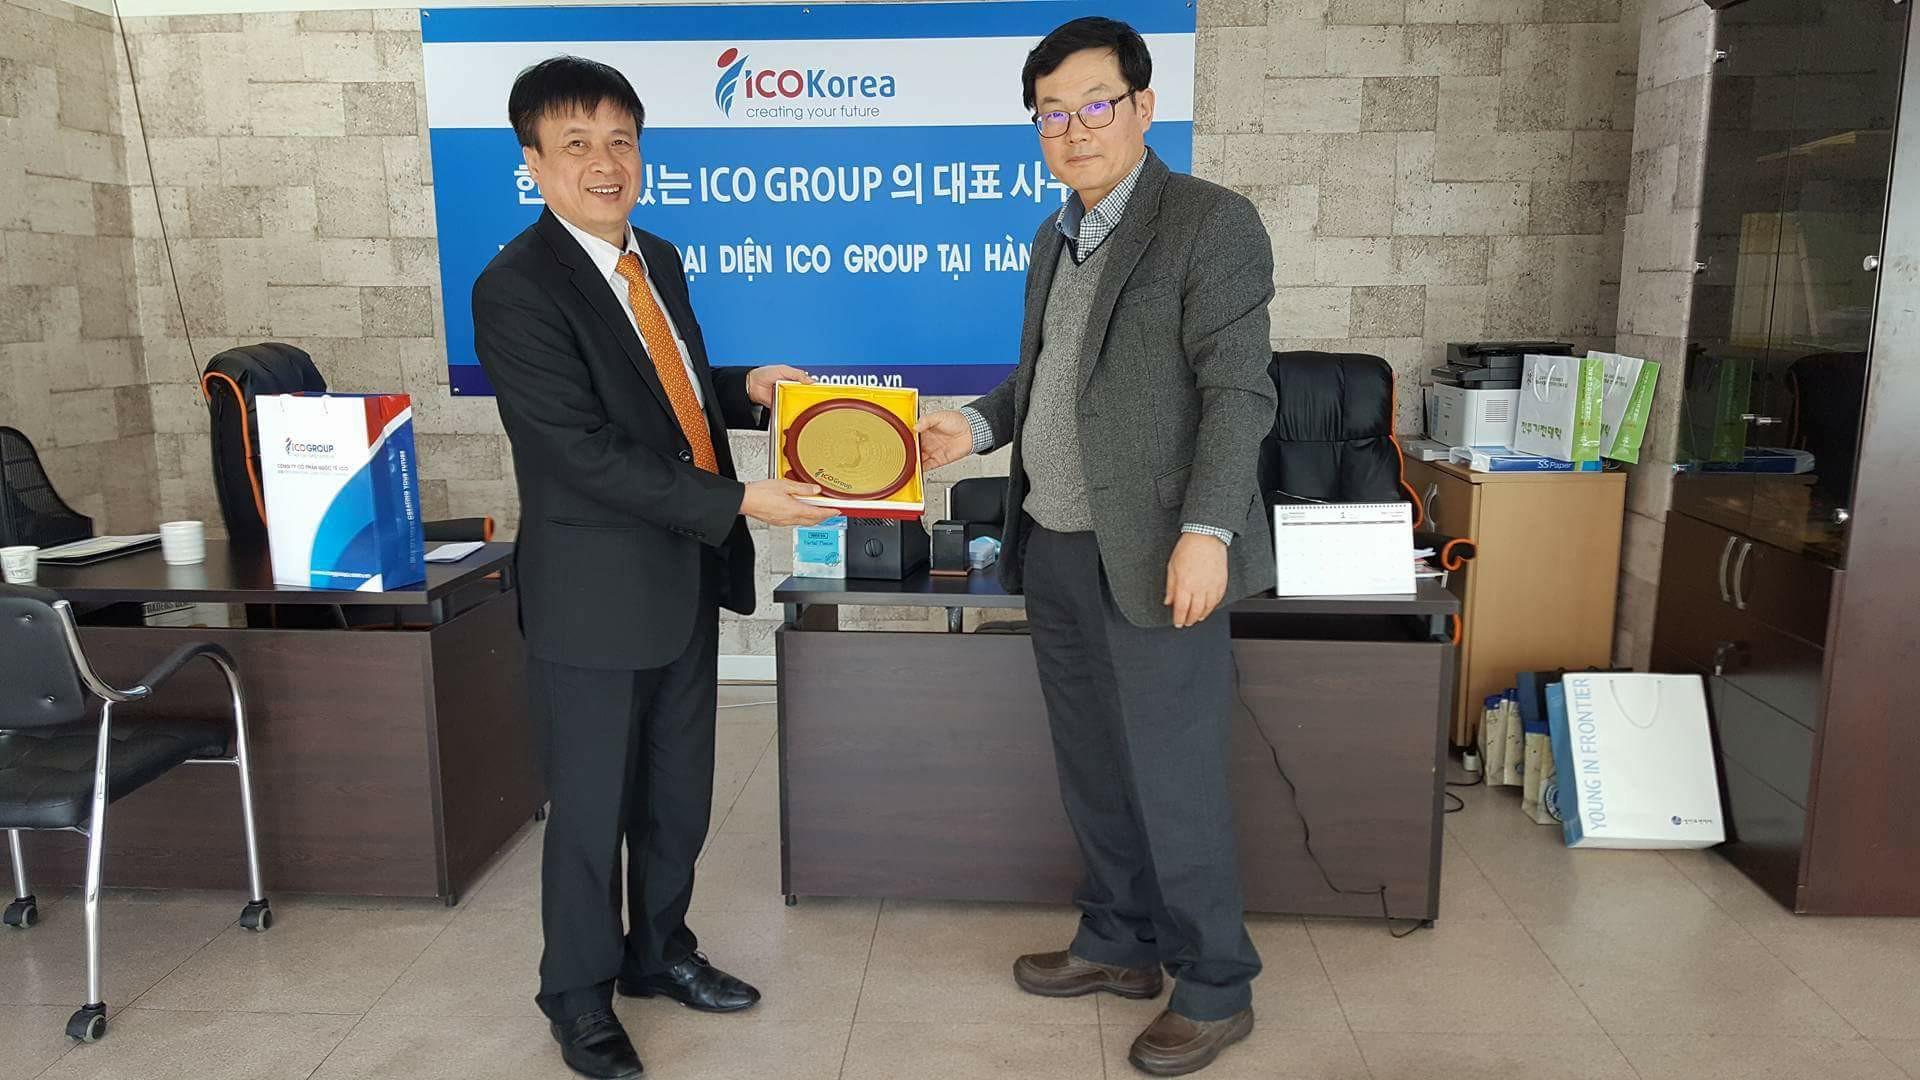 Ban lãnh đạo ICOGroup sang thăm ICO Korea – Văn phòng đại diện của ICOGroup tại Hàn Quốc